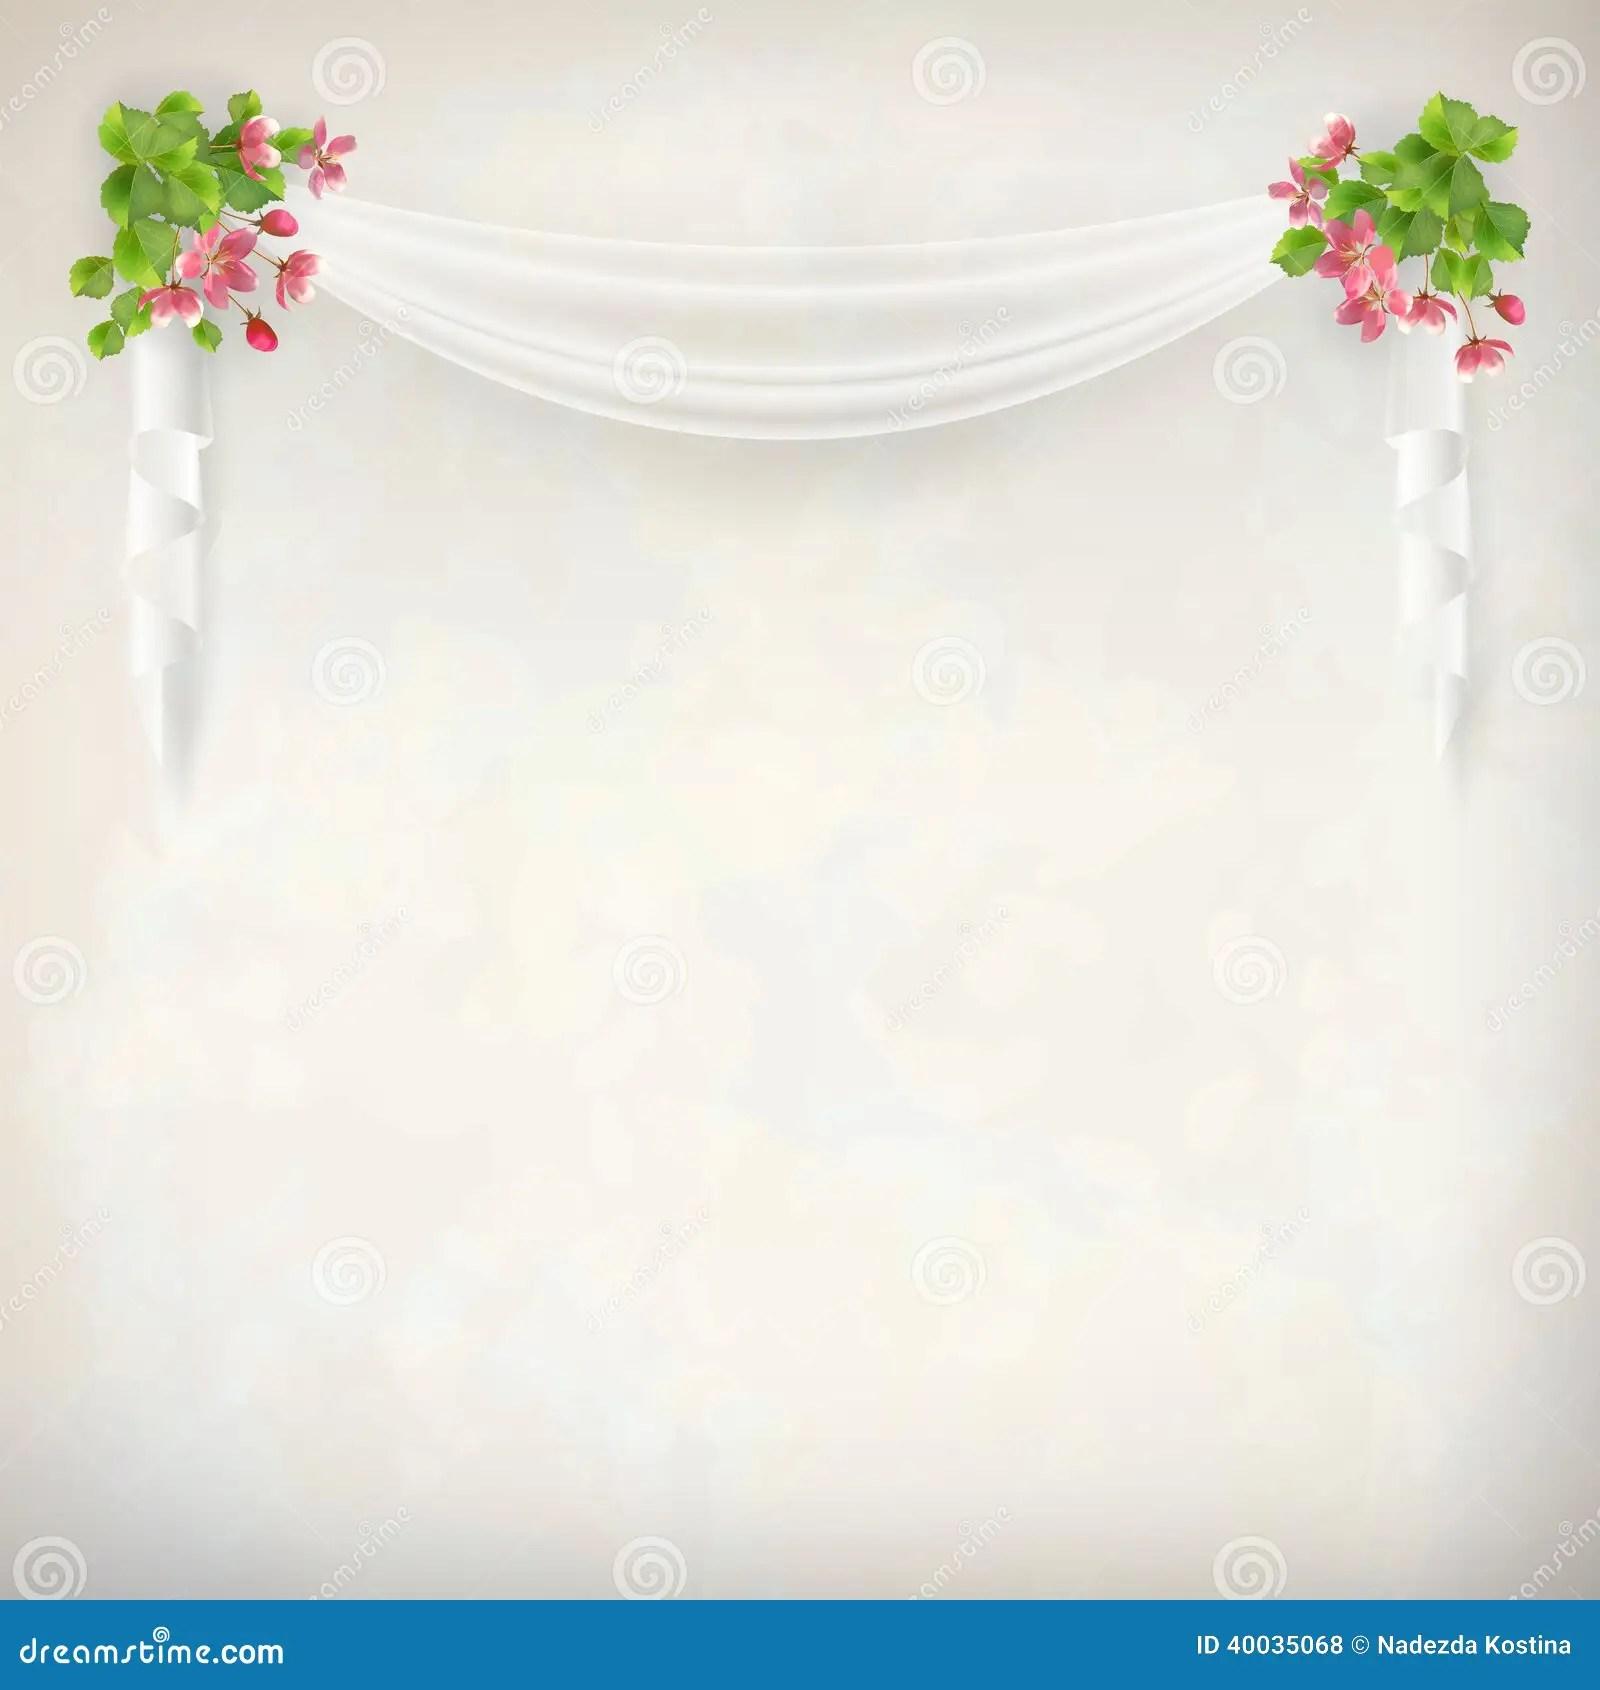 Vector Floral Vintage Wedding Background Stock Vector Illustration Of Floral Pattern 40035068